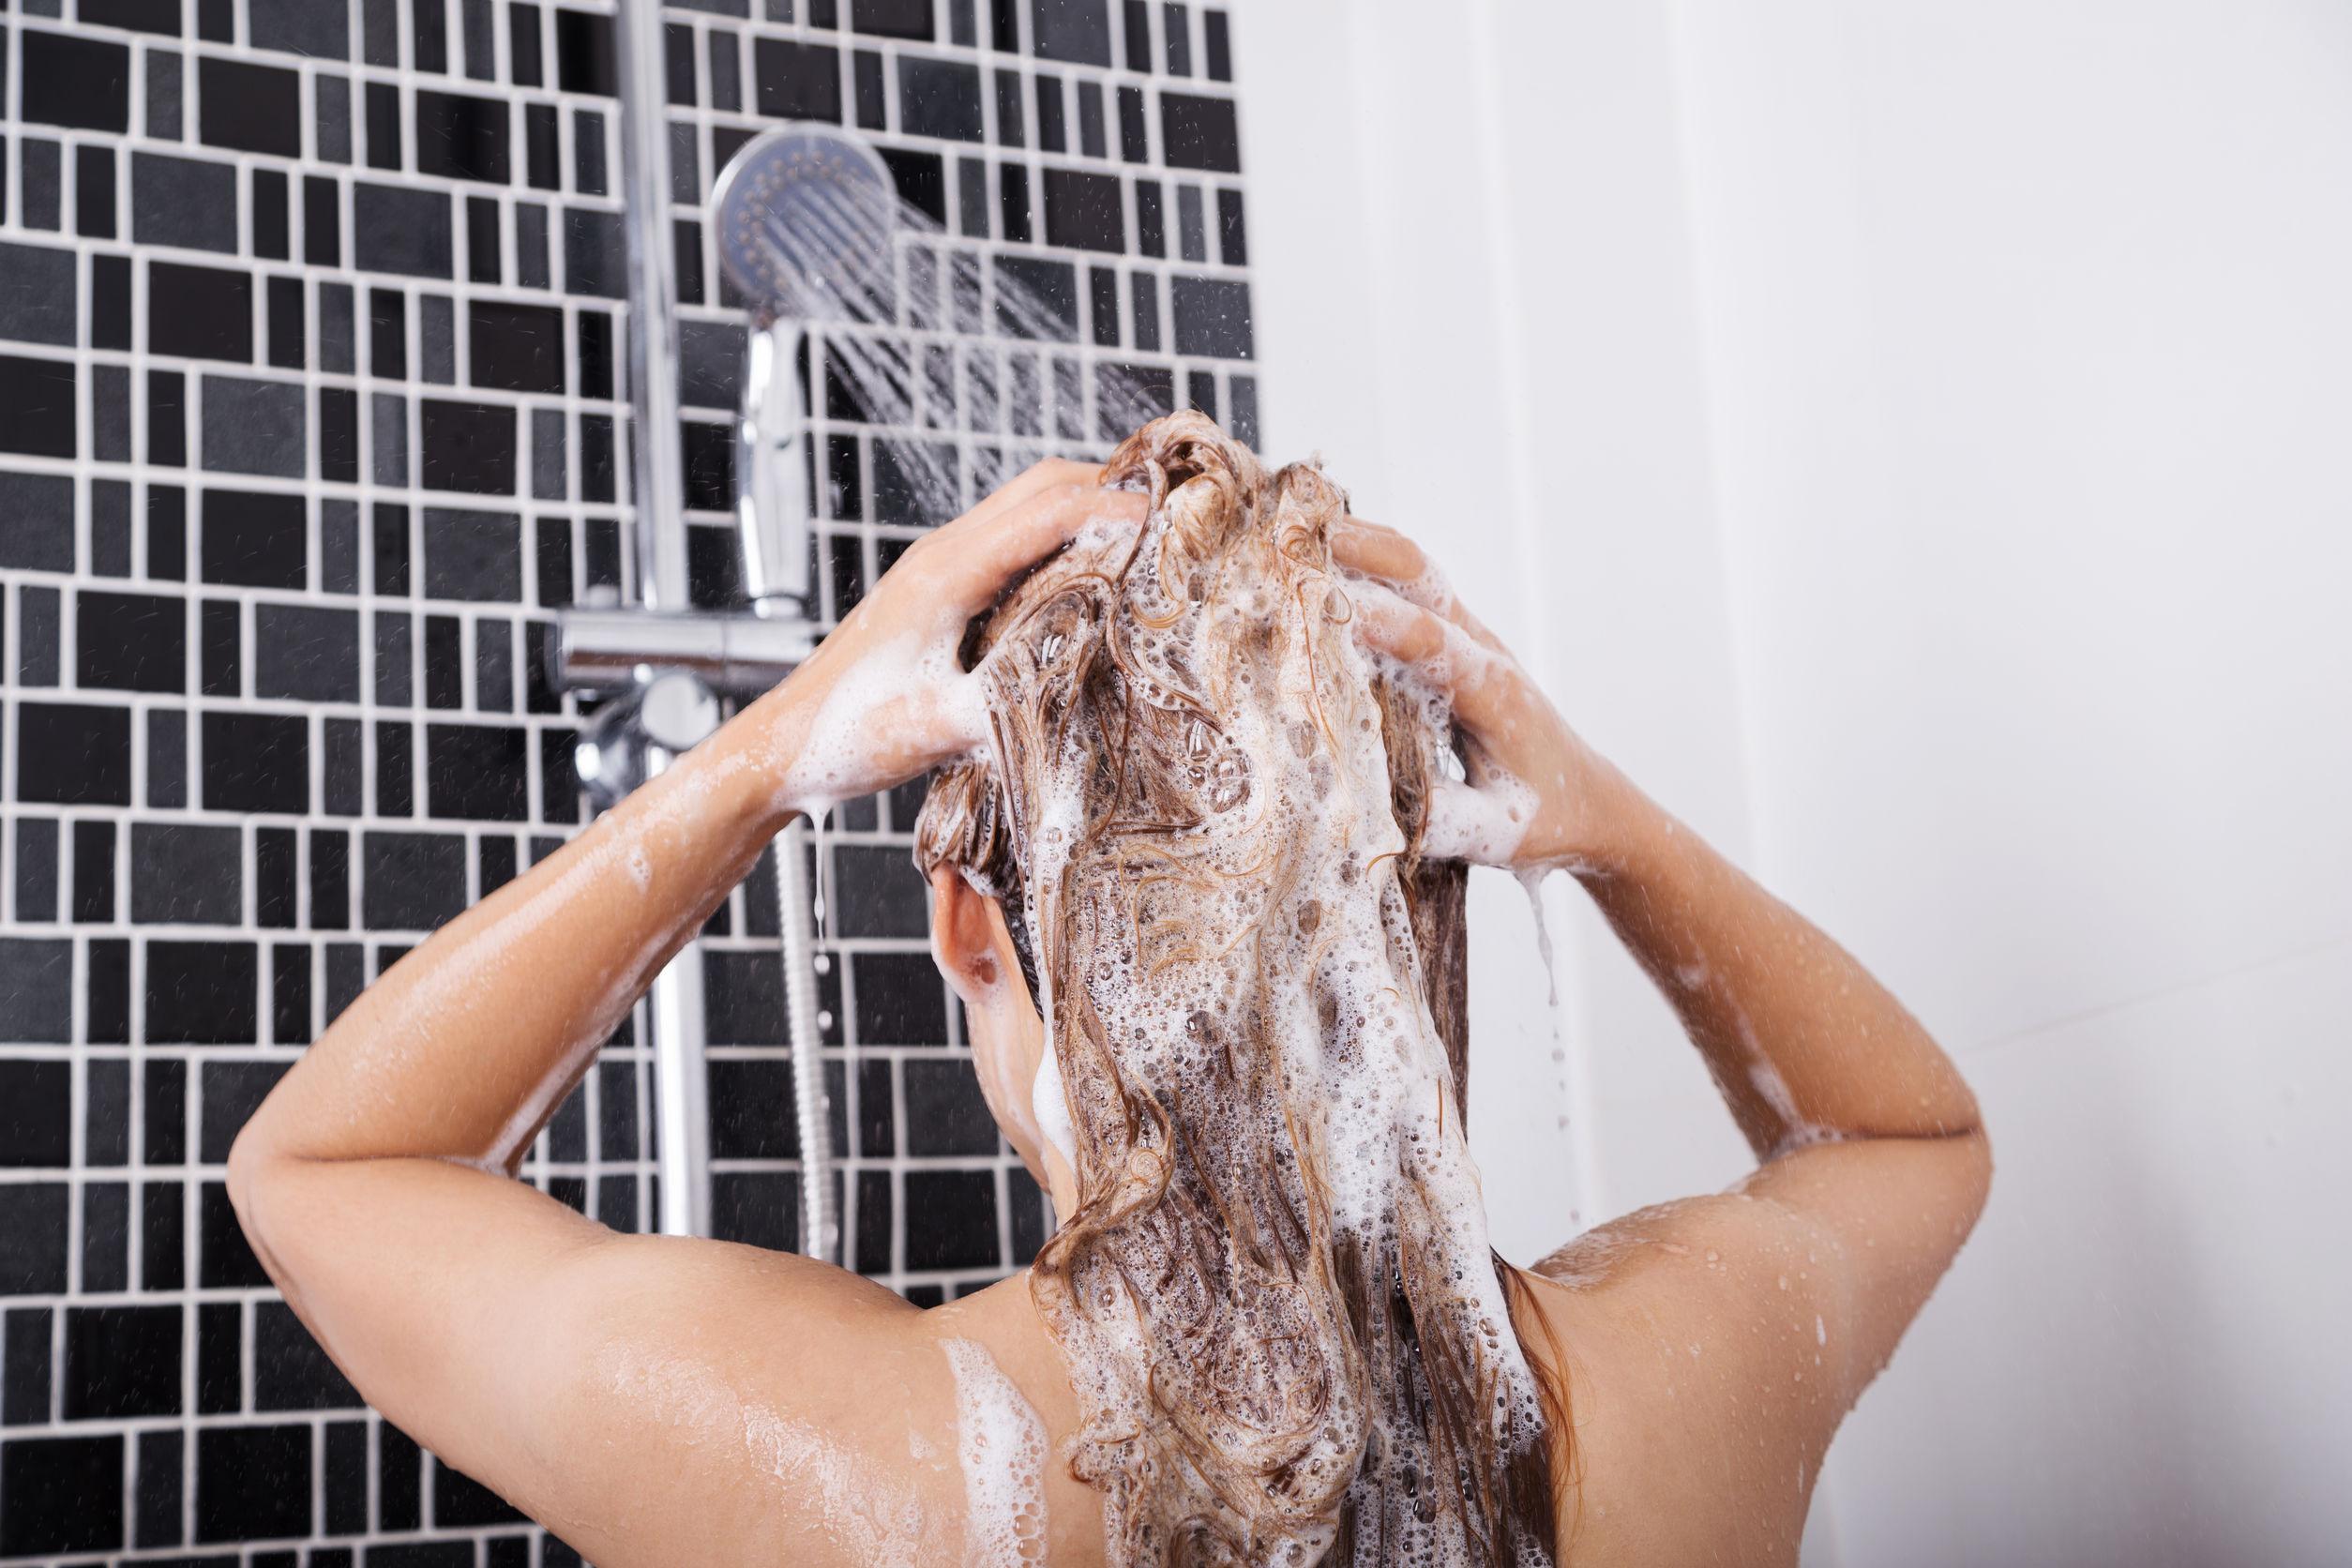 Mulher de cabelos escuros lavando os cabelos no chuveiro com parede branca e shampoos ao fundo